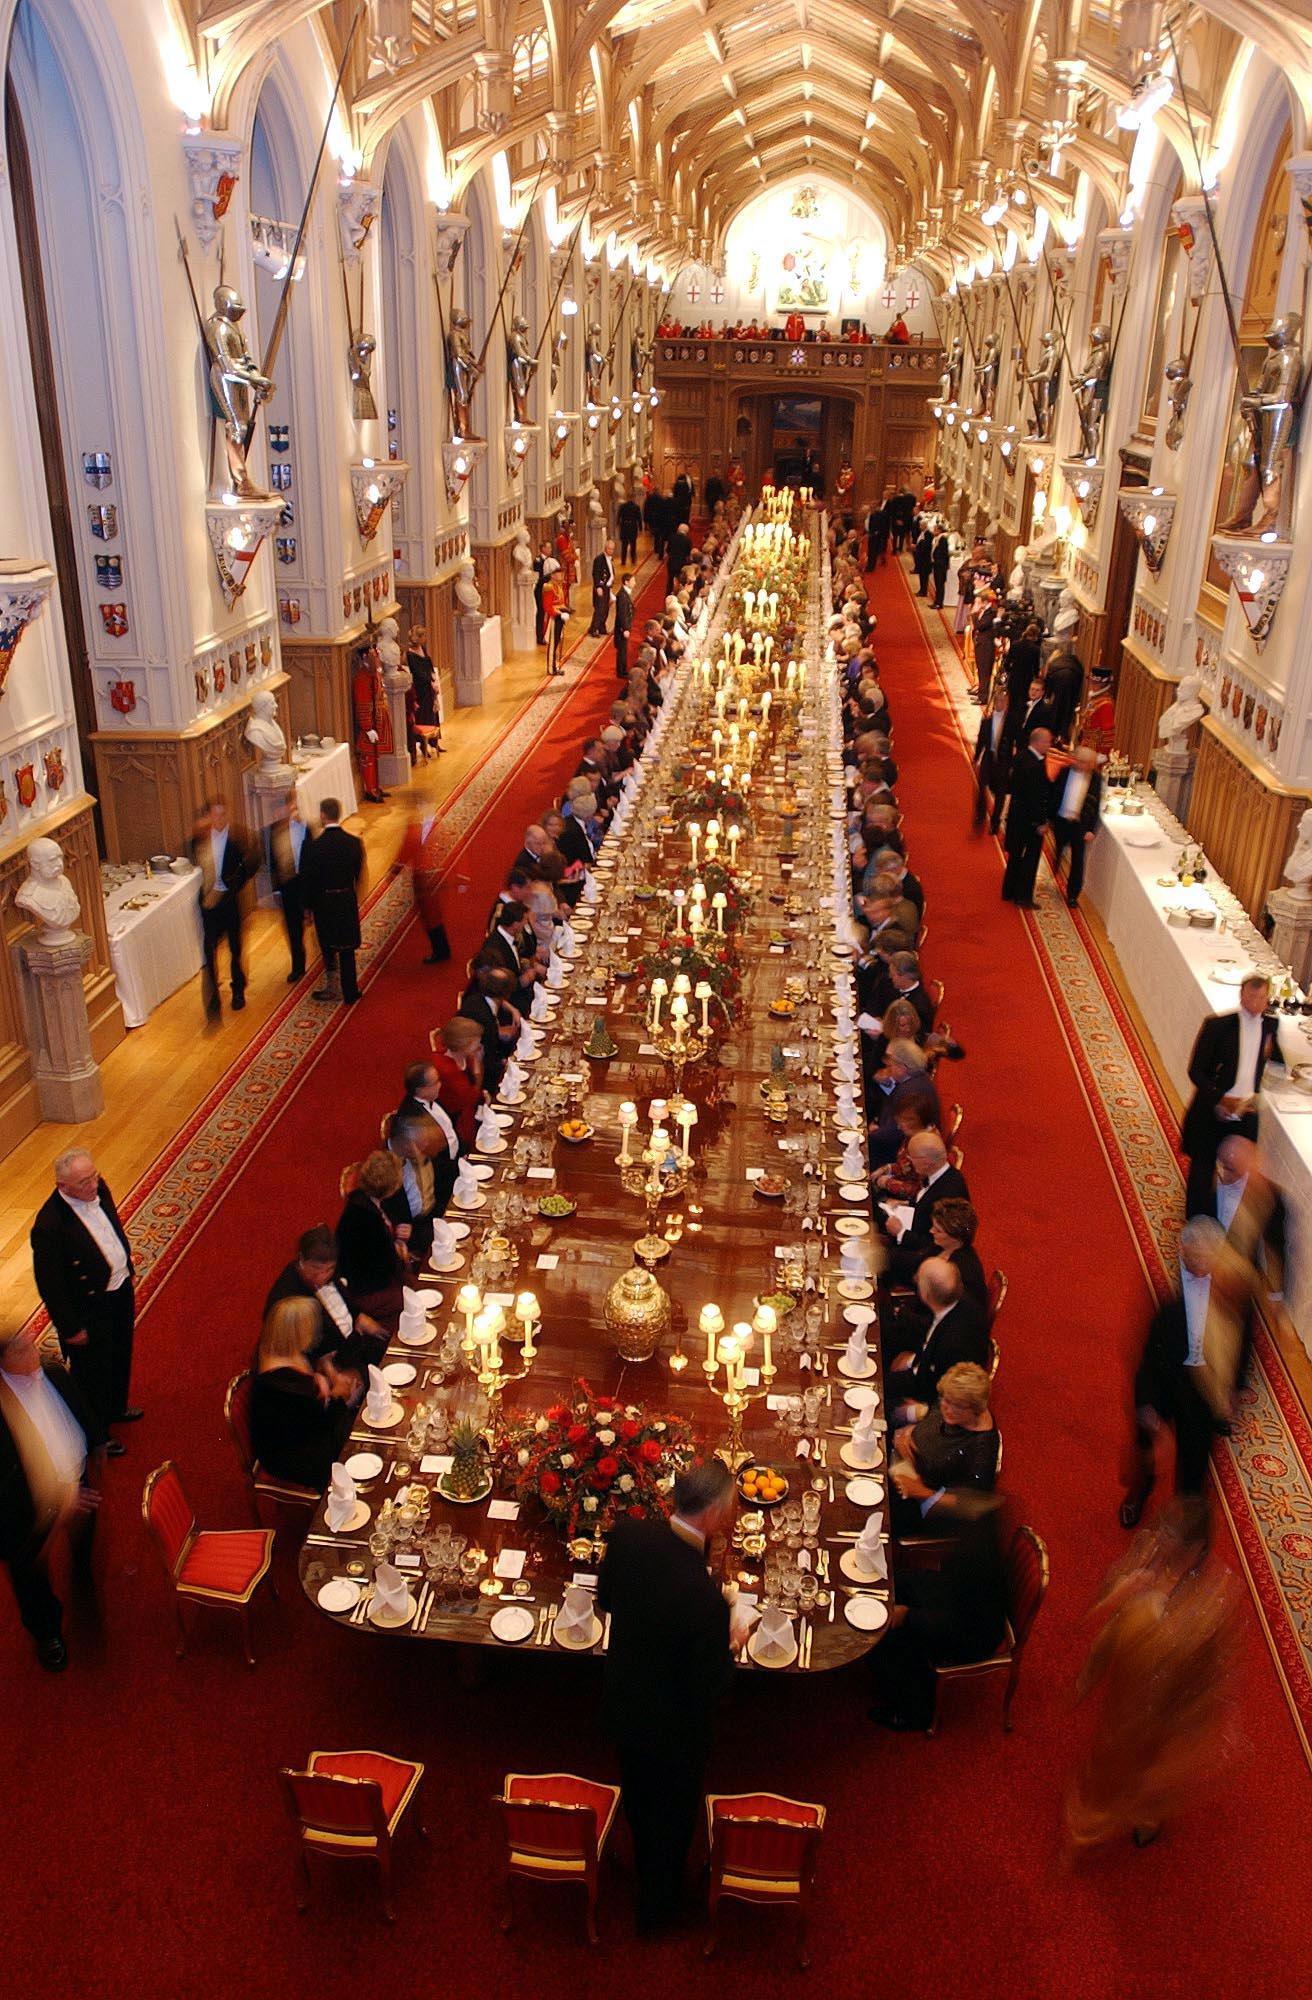 Salón de banquetes del palacio de Windsor